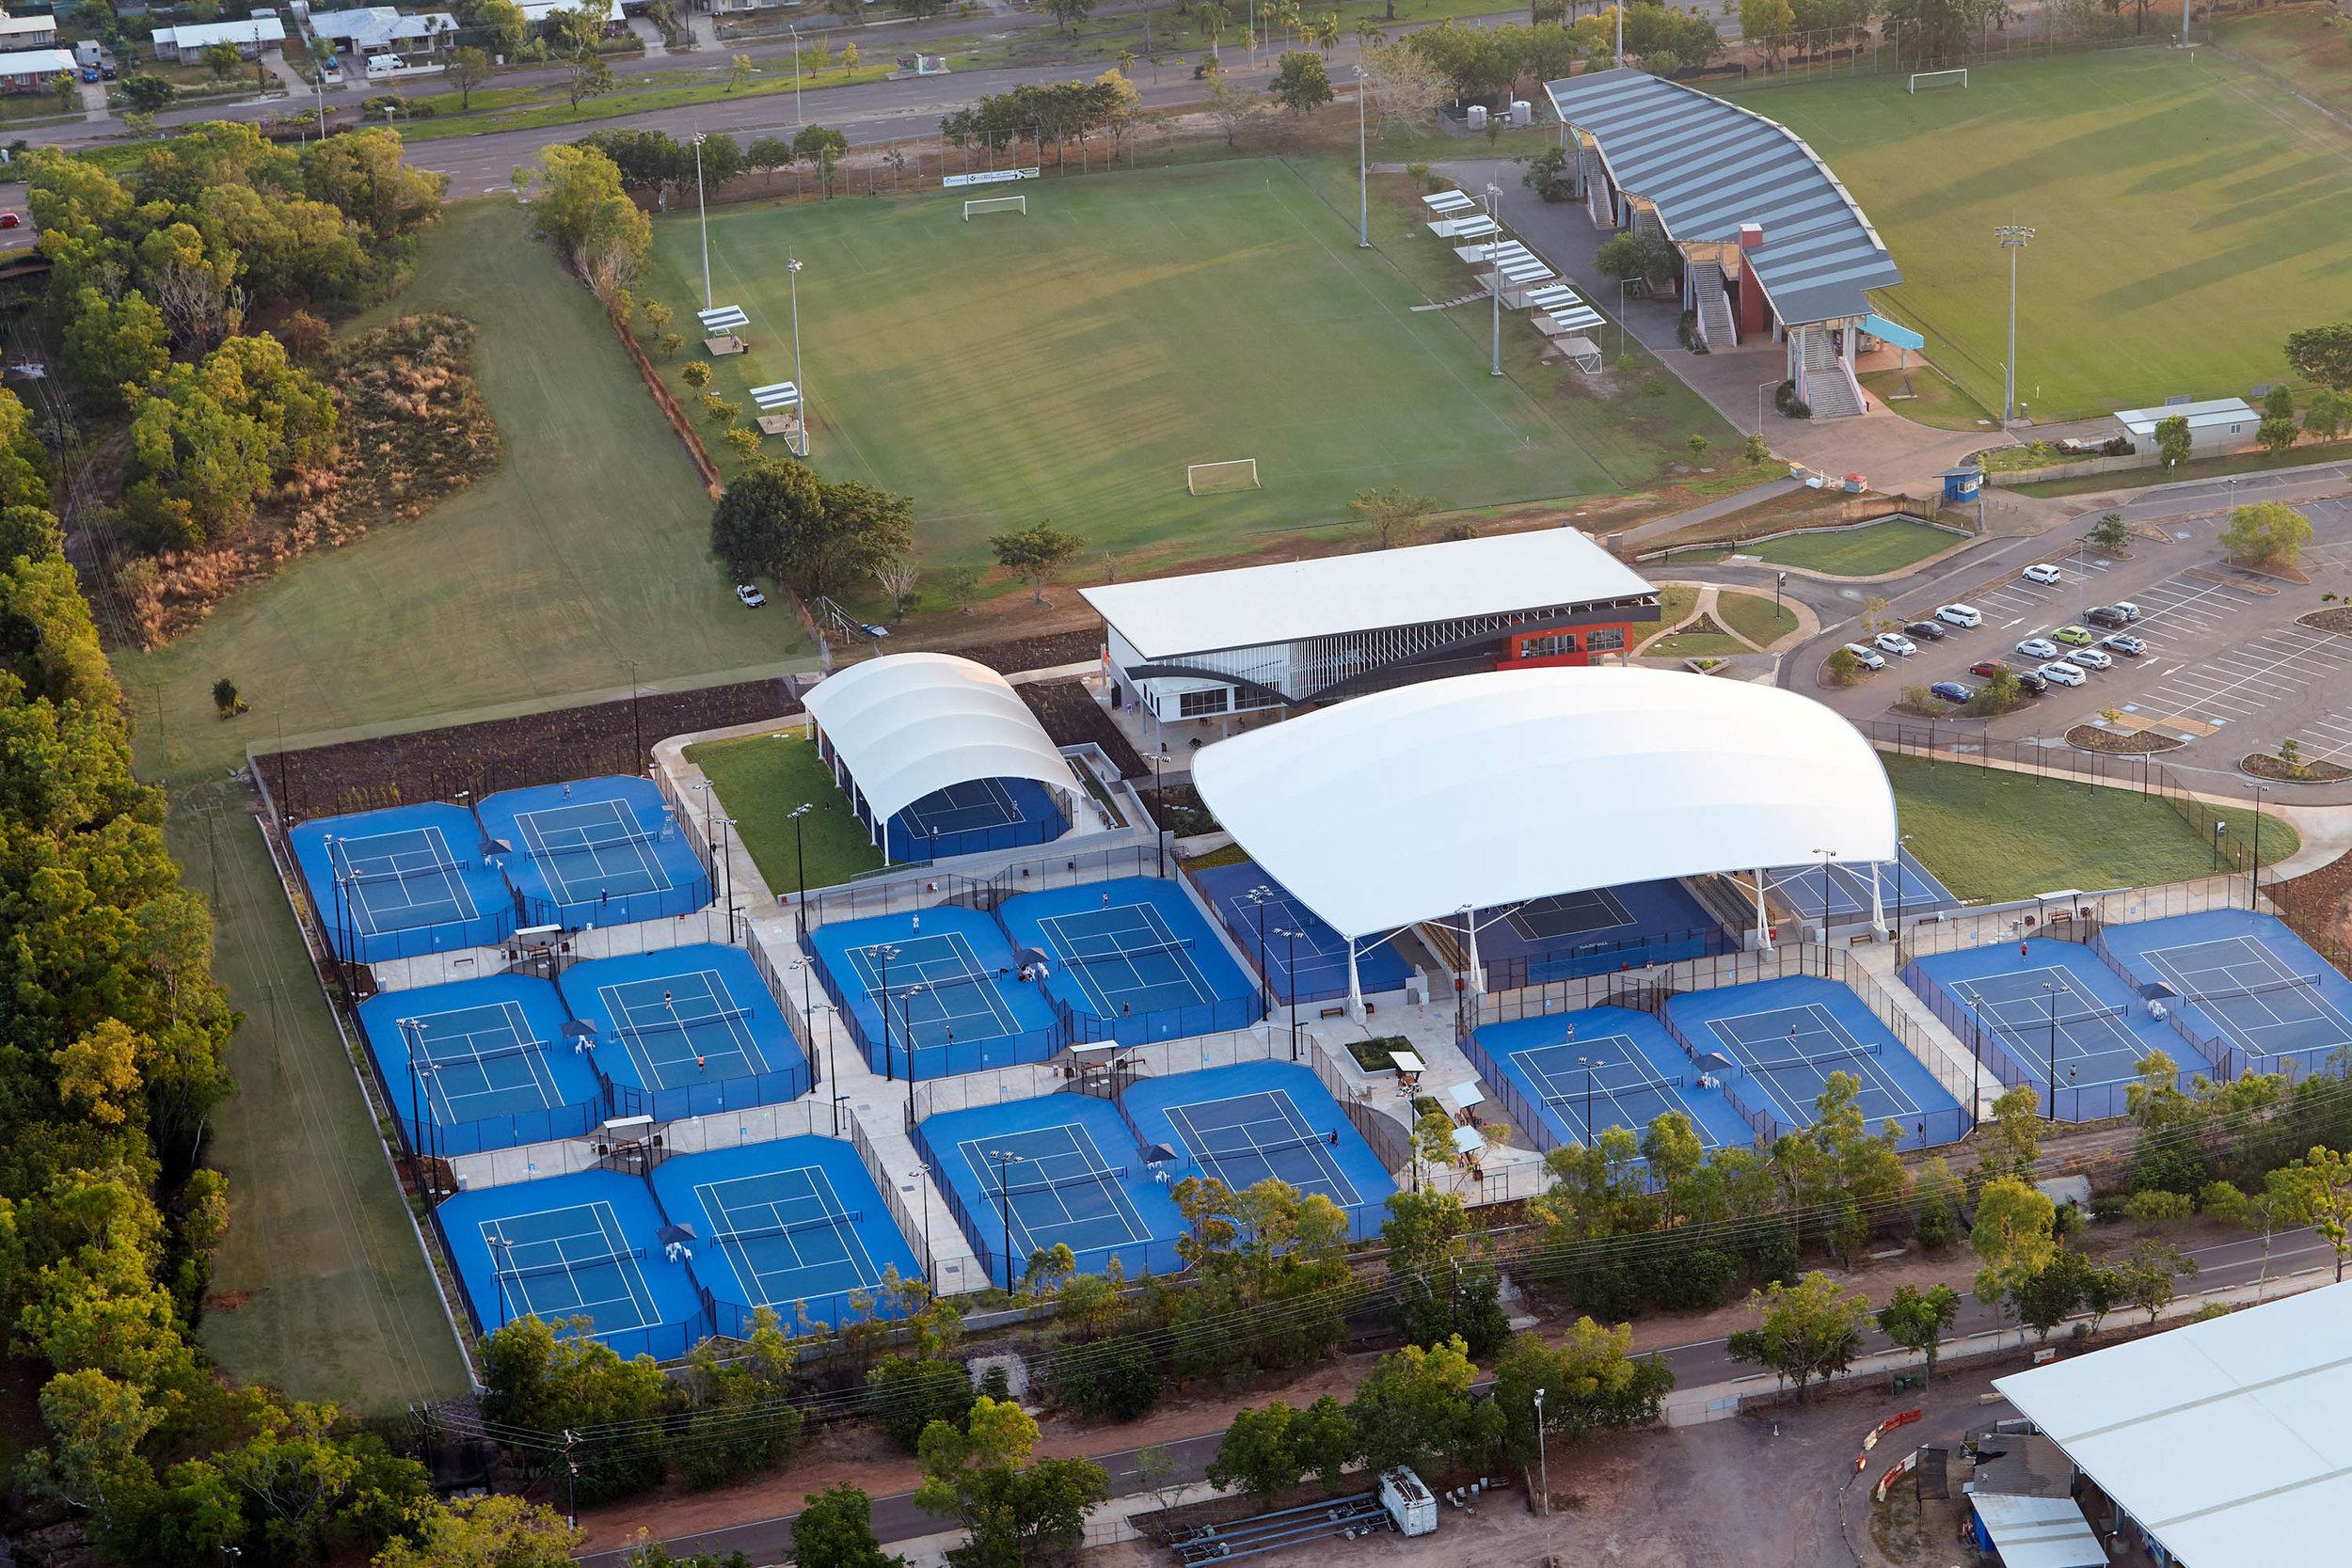 02-Marrara- Tennis Centre -Jun 10 2018-7-32 AM grass added_website.jpg